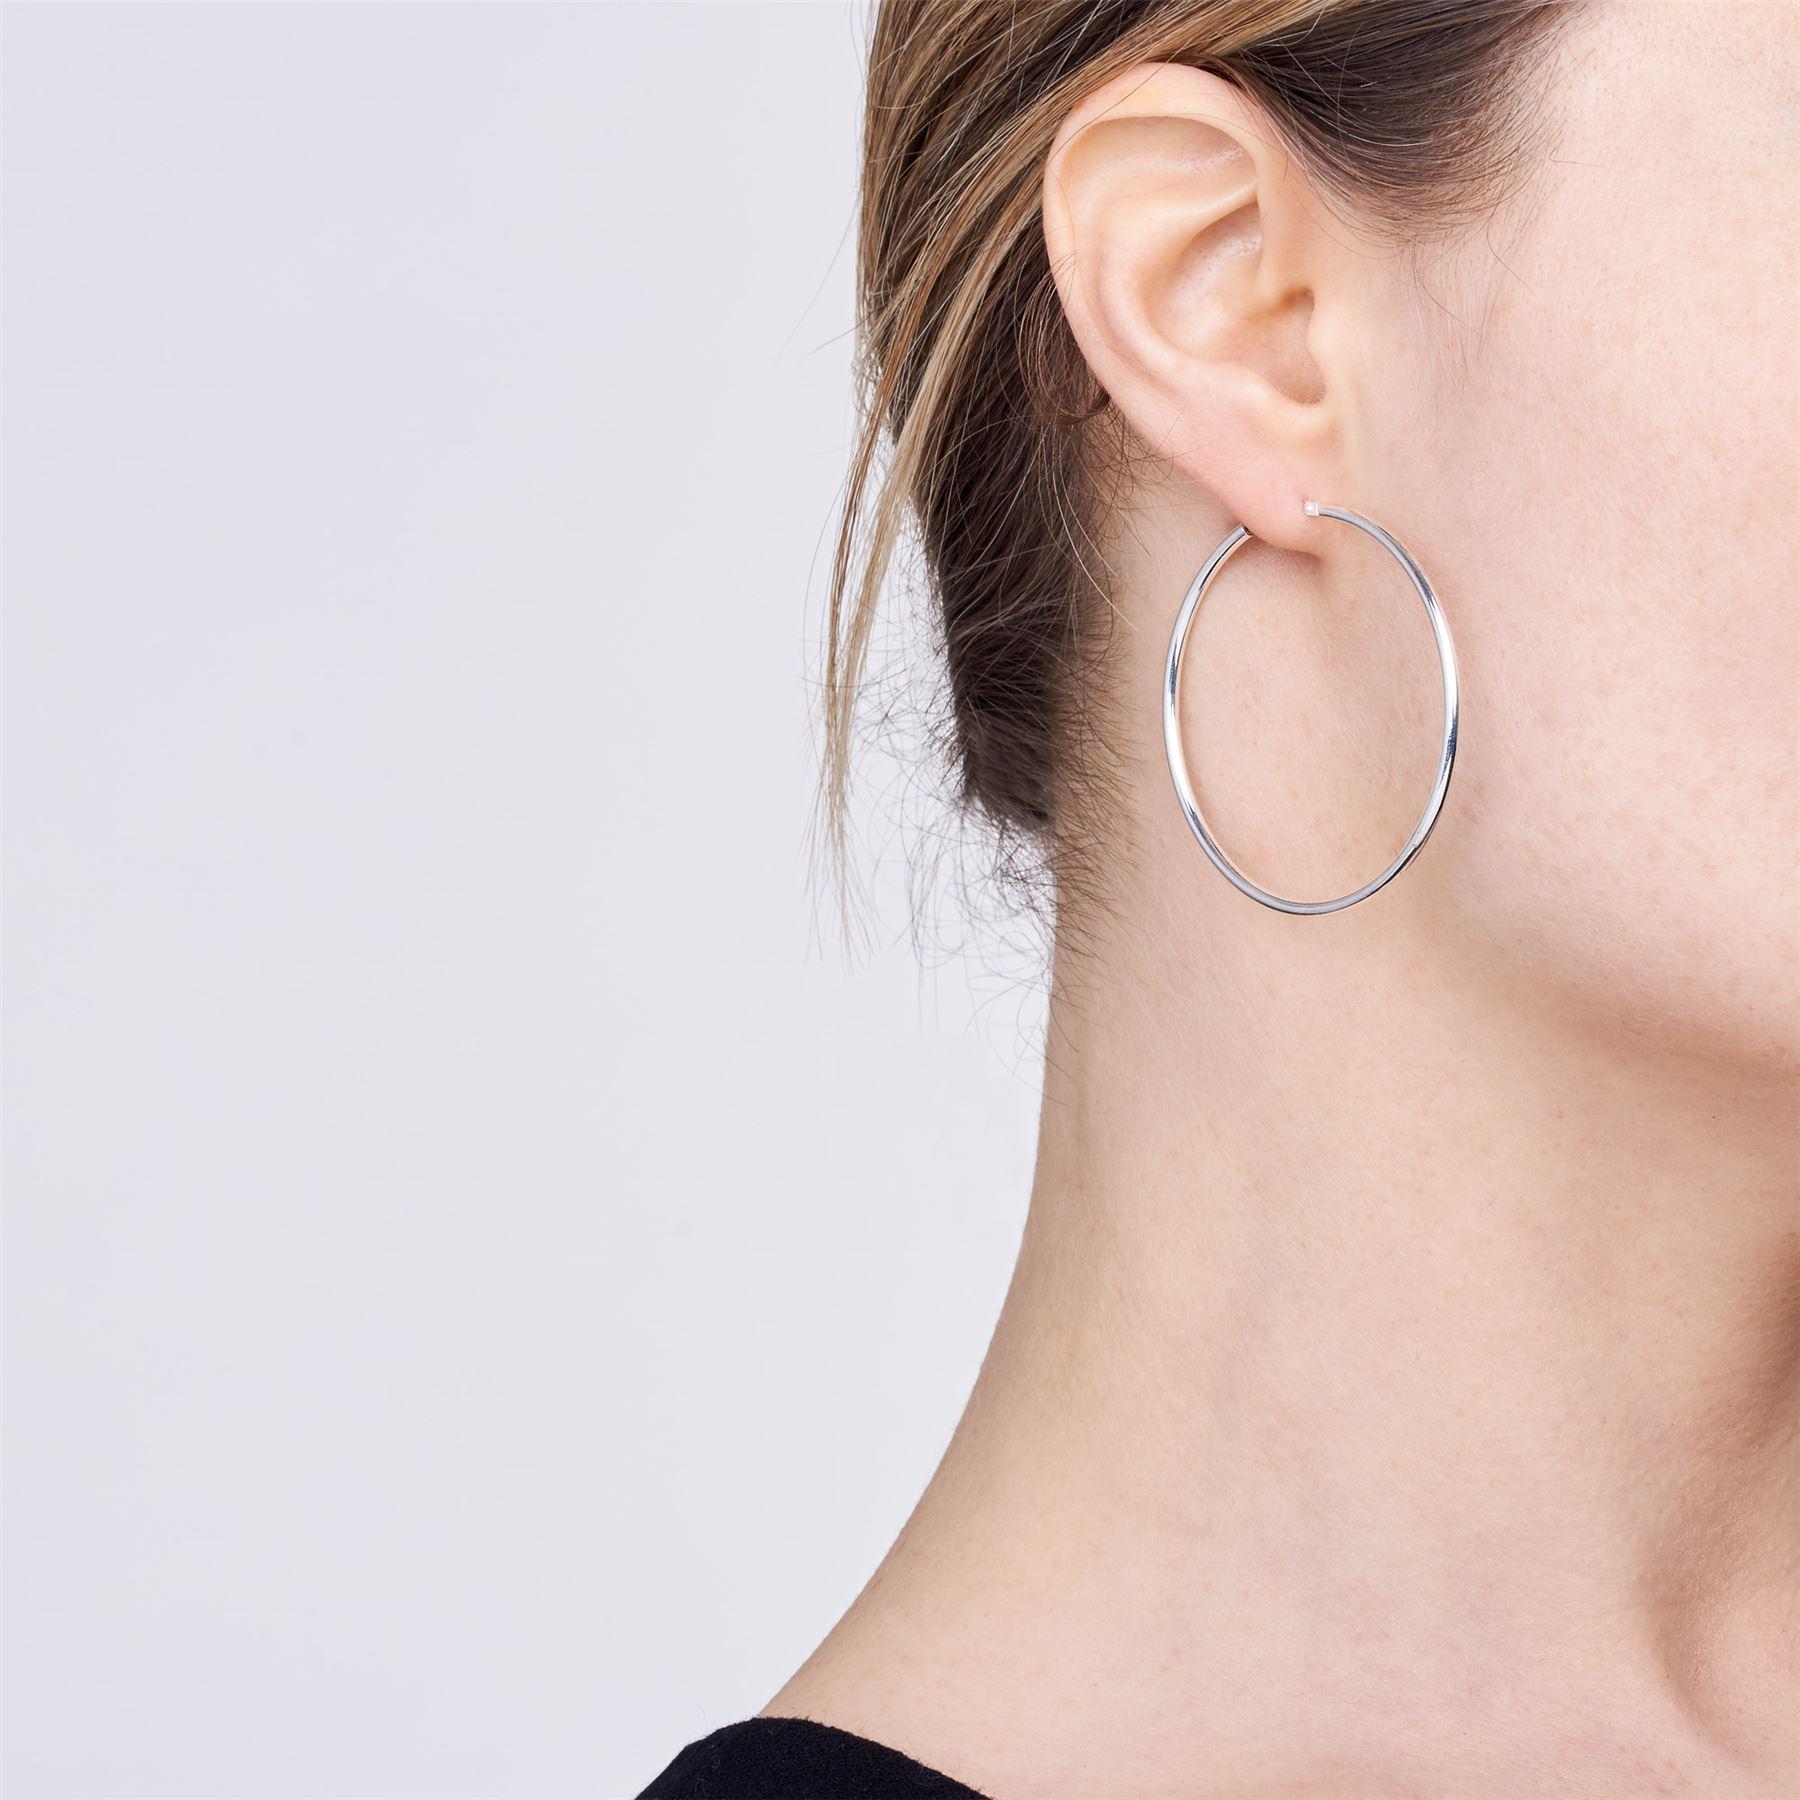 Amberta-Pendientes-para-Mujer-Aros-en-Plata-De-Ley-925-Autentica-Estilo-Clasico miniatura 39